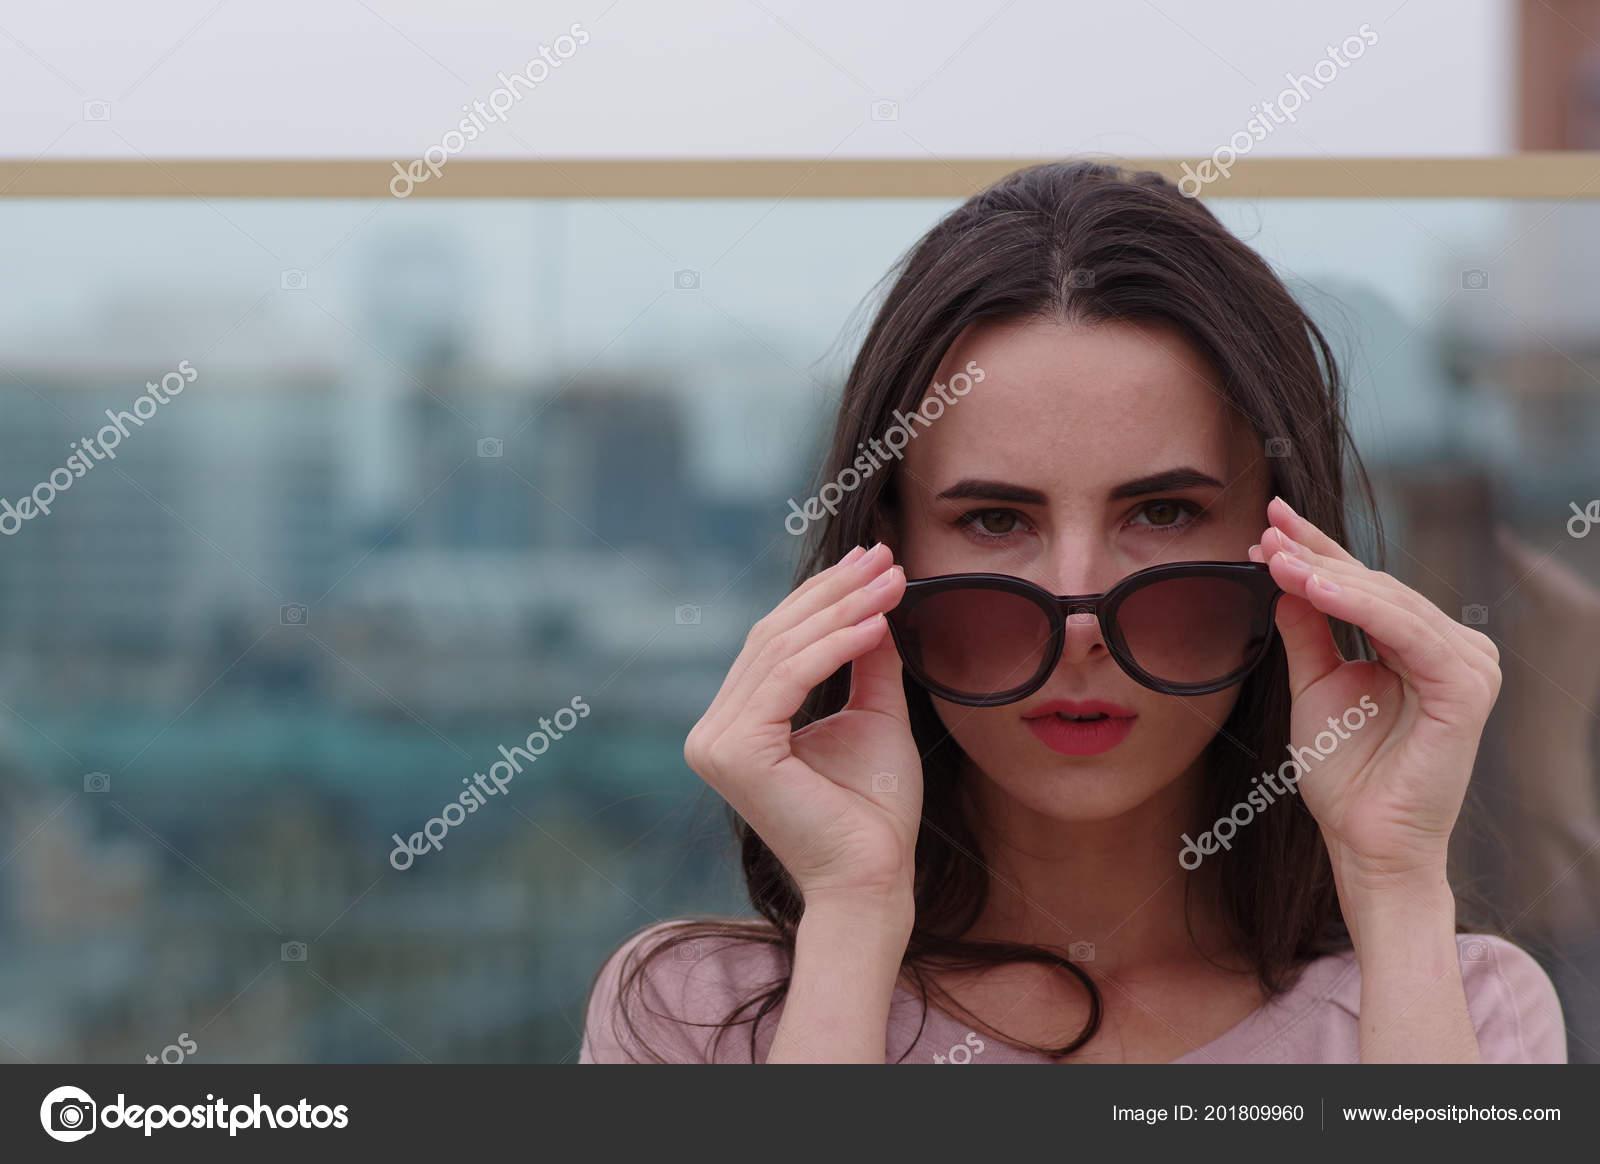 b5949960f8 Ένας μακρυμάλλης μελαχρινή νεαρή γυναίκα παίζει με τα γυαλιά ηλίου– εικόνα  αρχείου